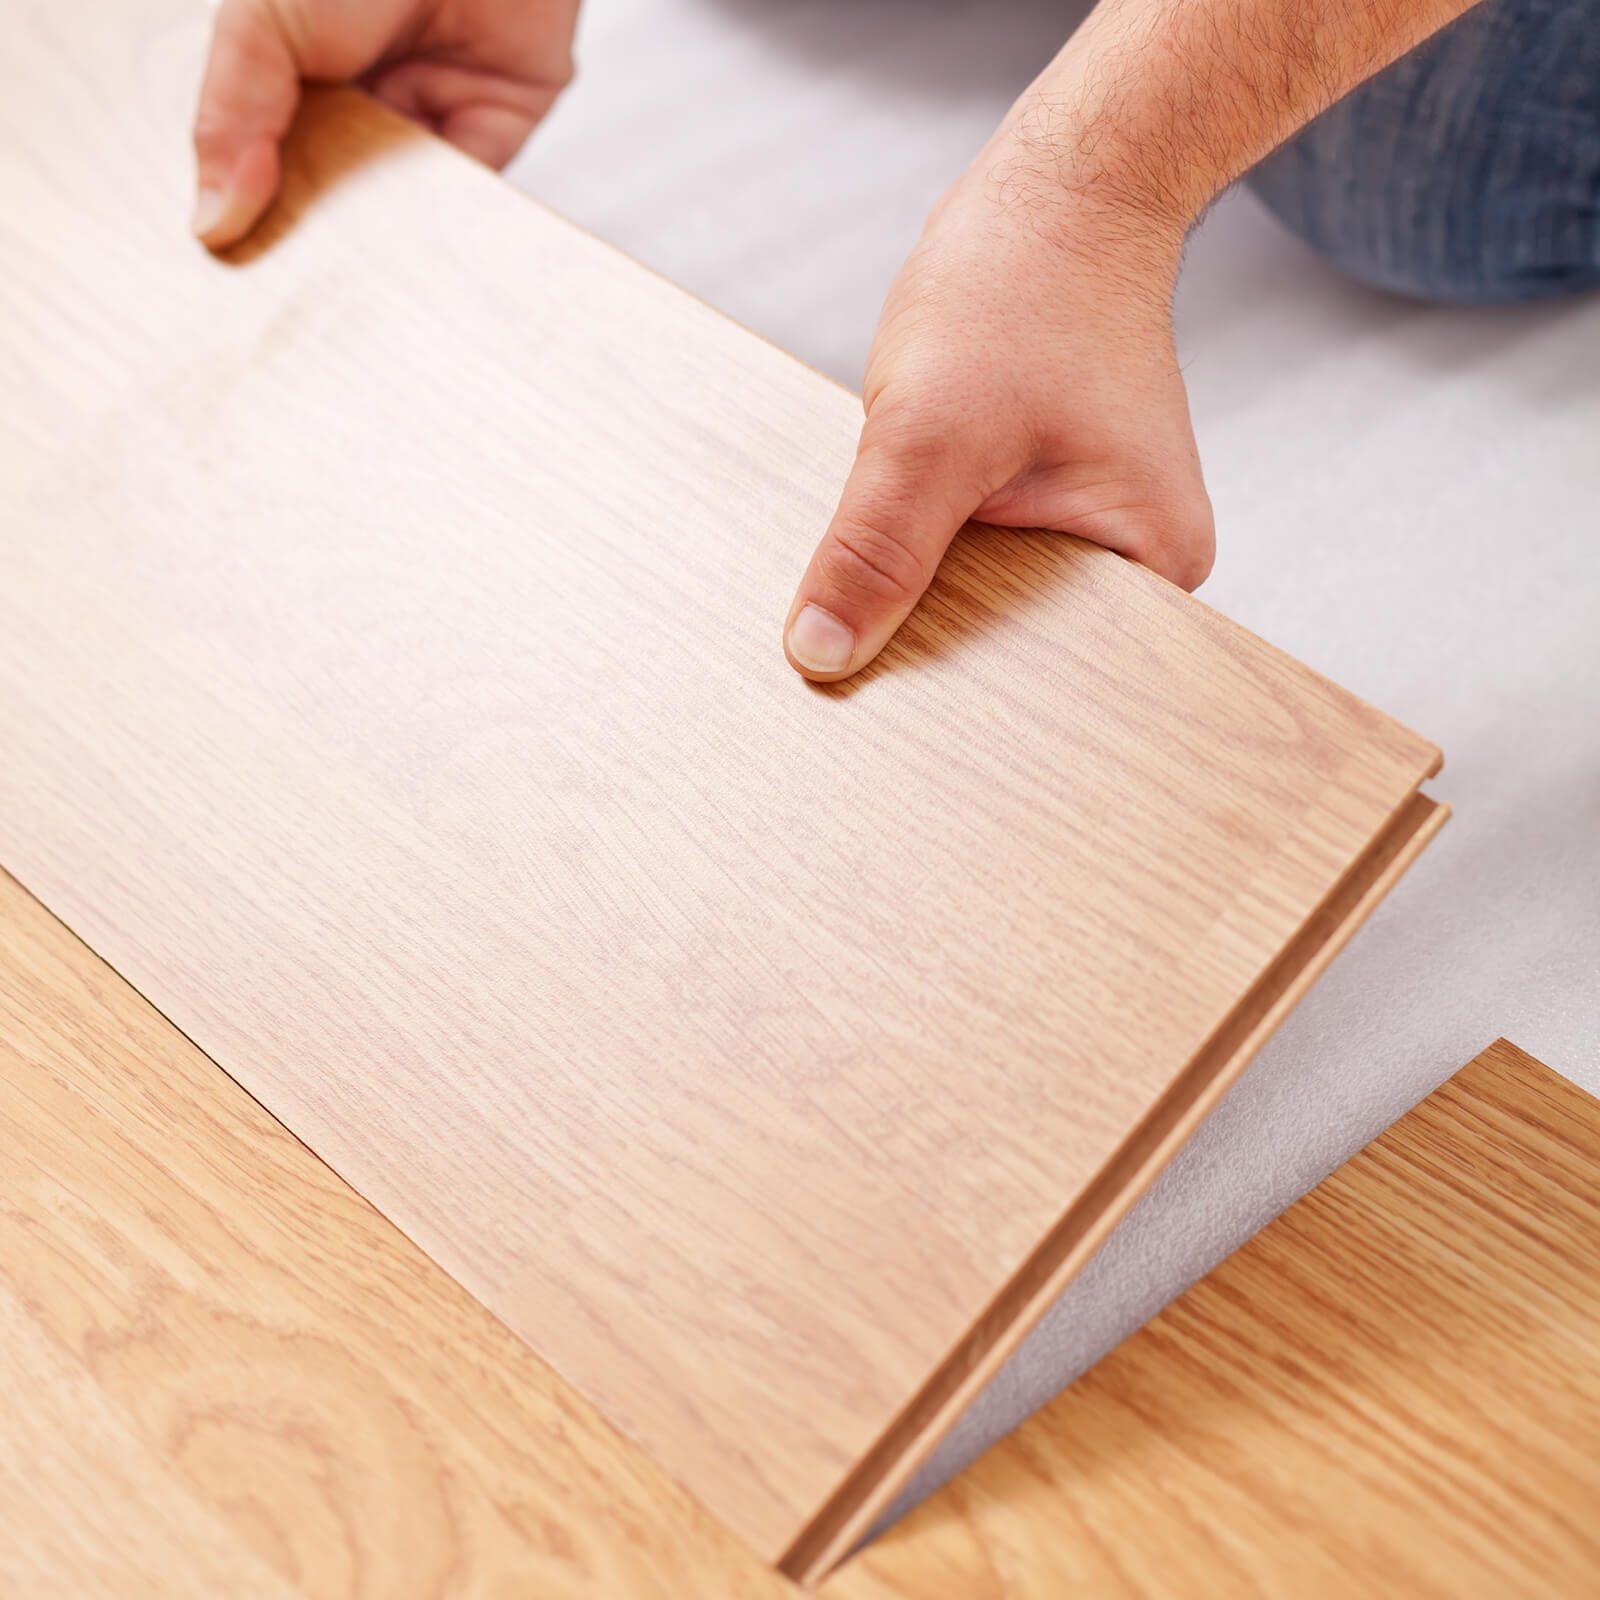 Laminate installation | Elite Flooring and Interiors Inc